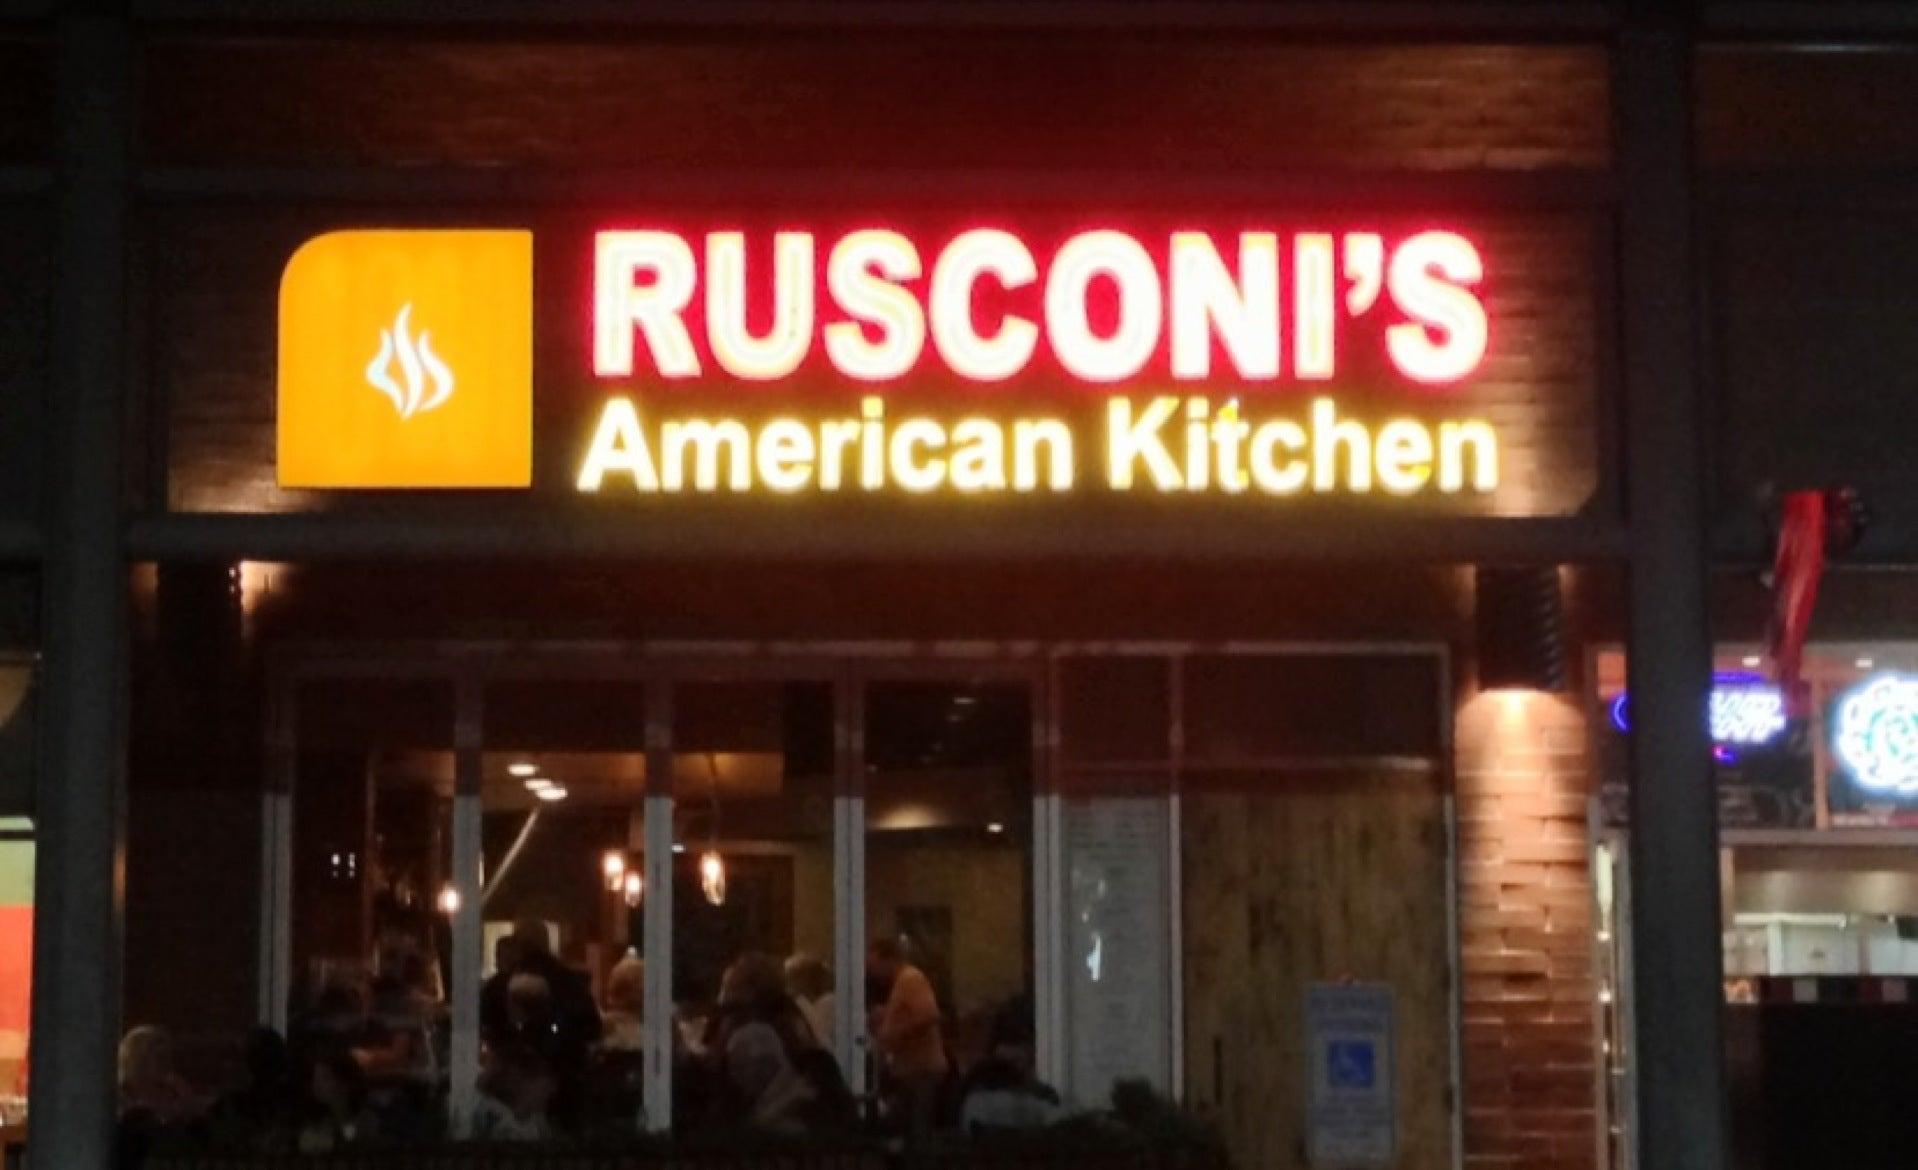 Rusconi S American Kitchen At 10637 N Tatum Blvd Ste 101b